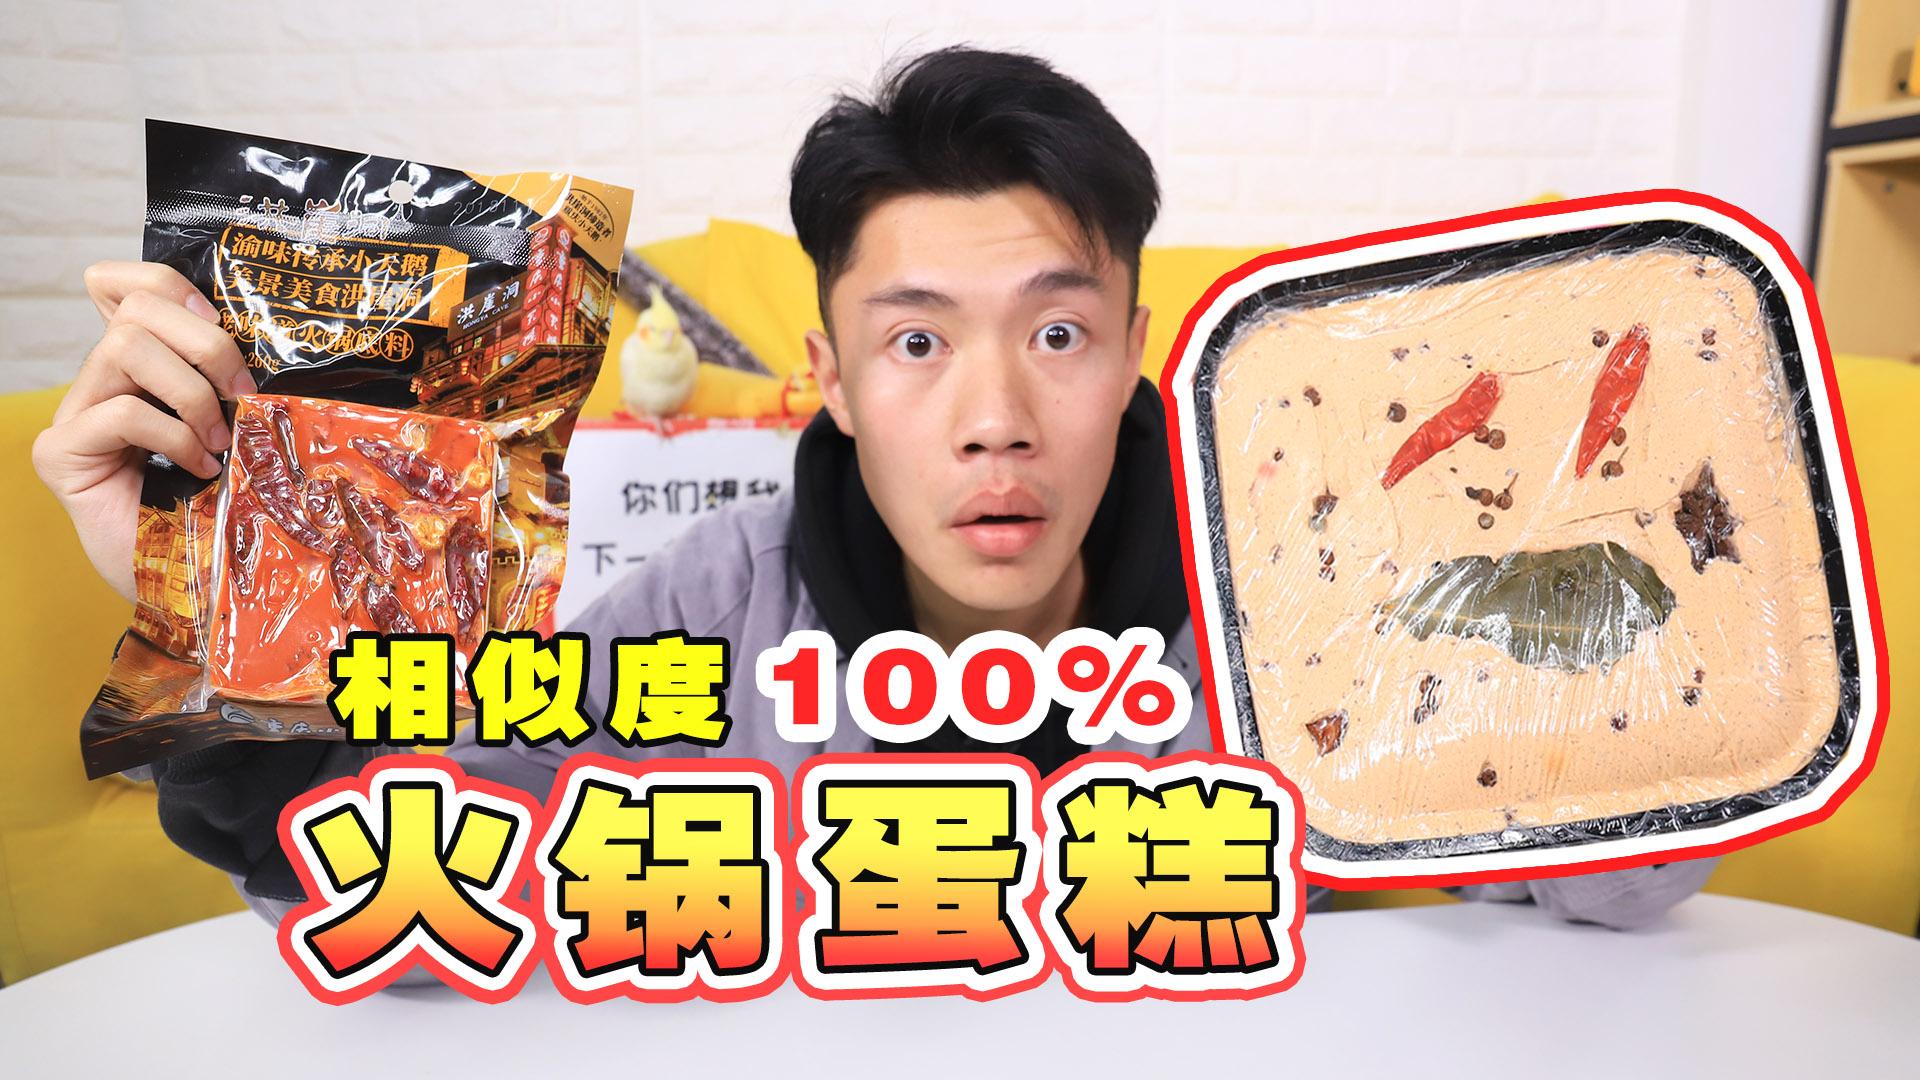 【食货砖家 TV】试吃网红火锅底料蛋糕,还能吃出四川味吗?